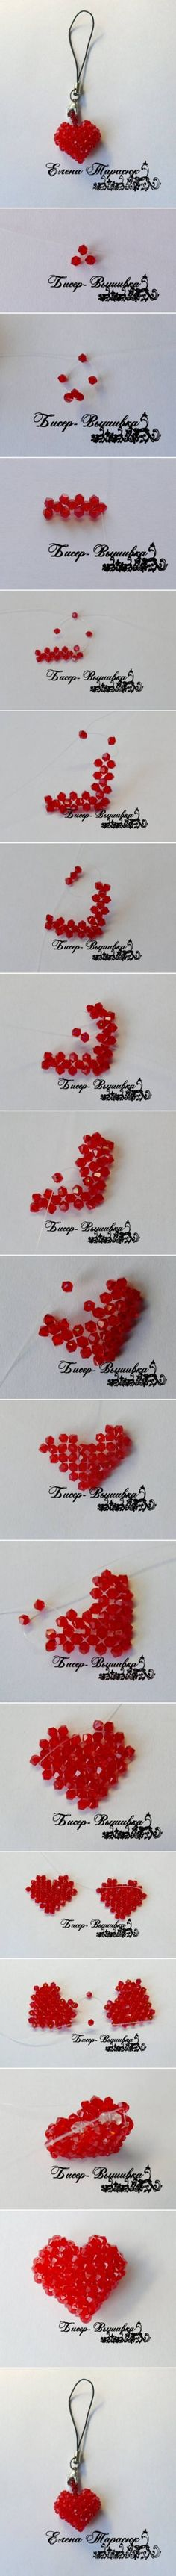 Sydänavaimenperä helmistä